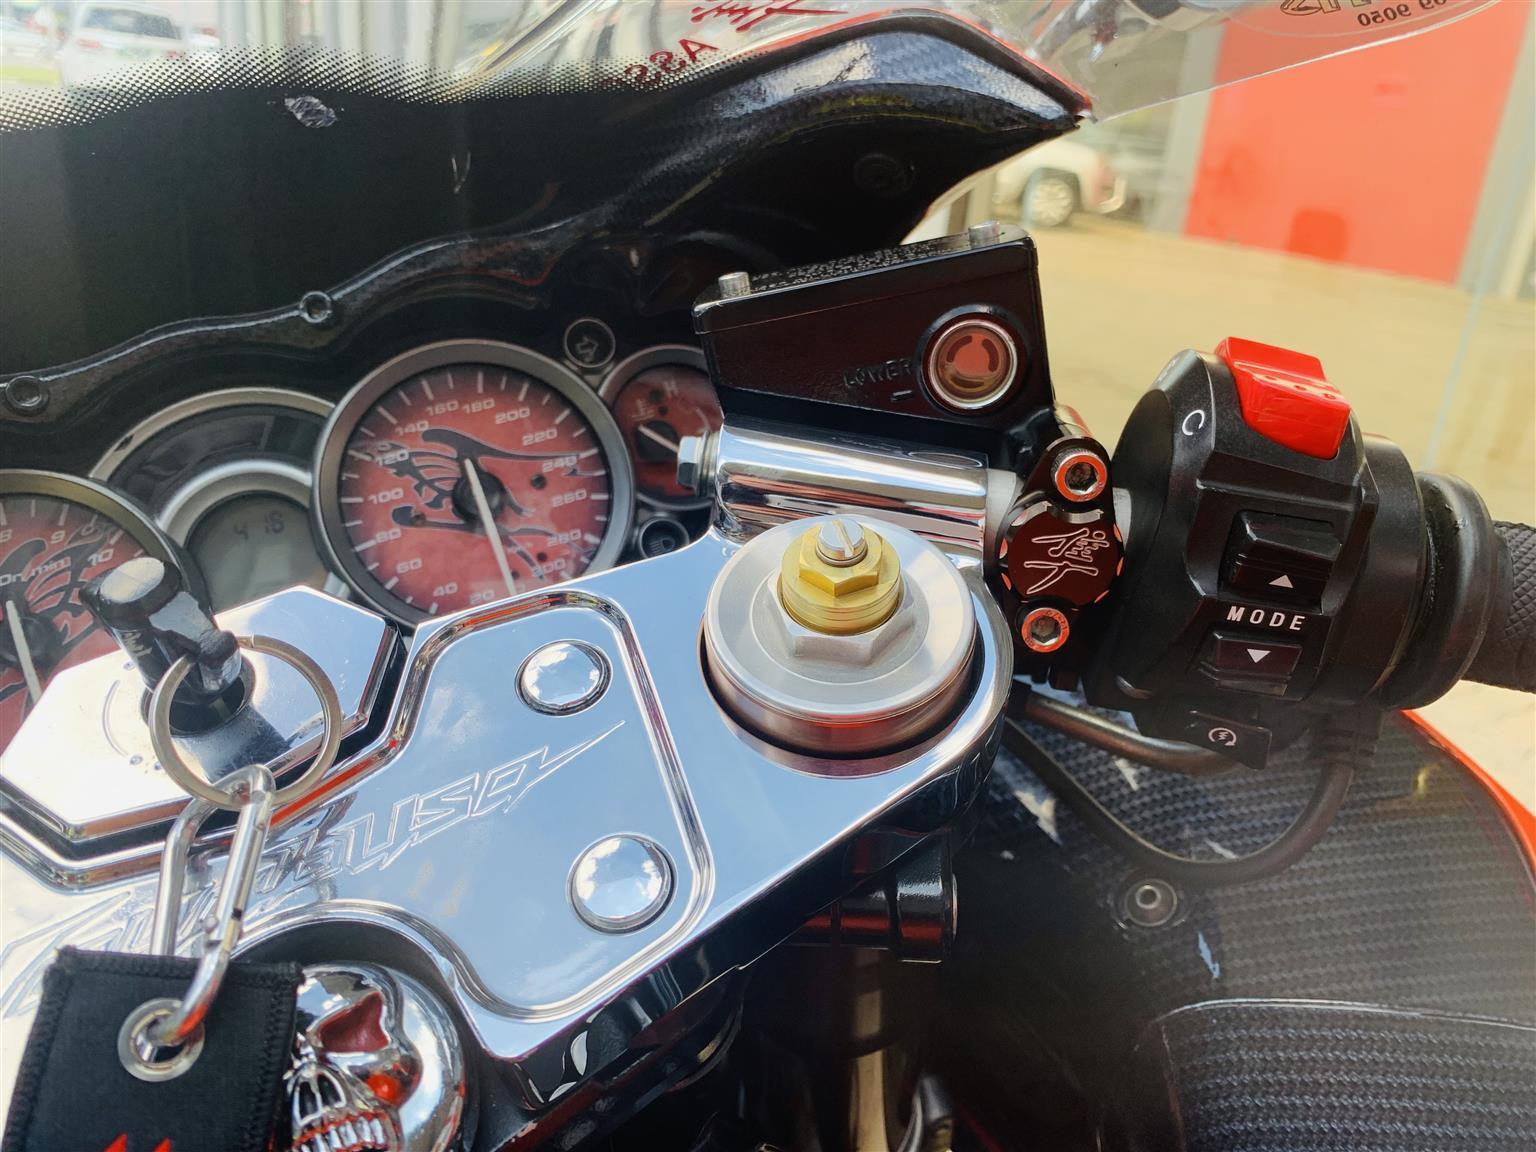 2008 Suzuki GSX1300R